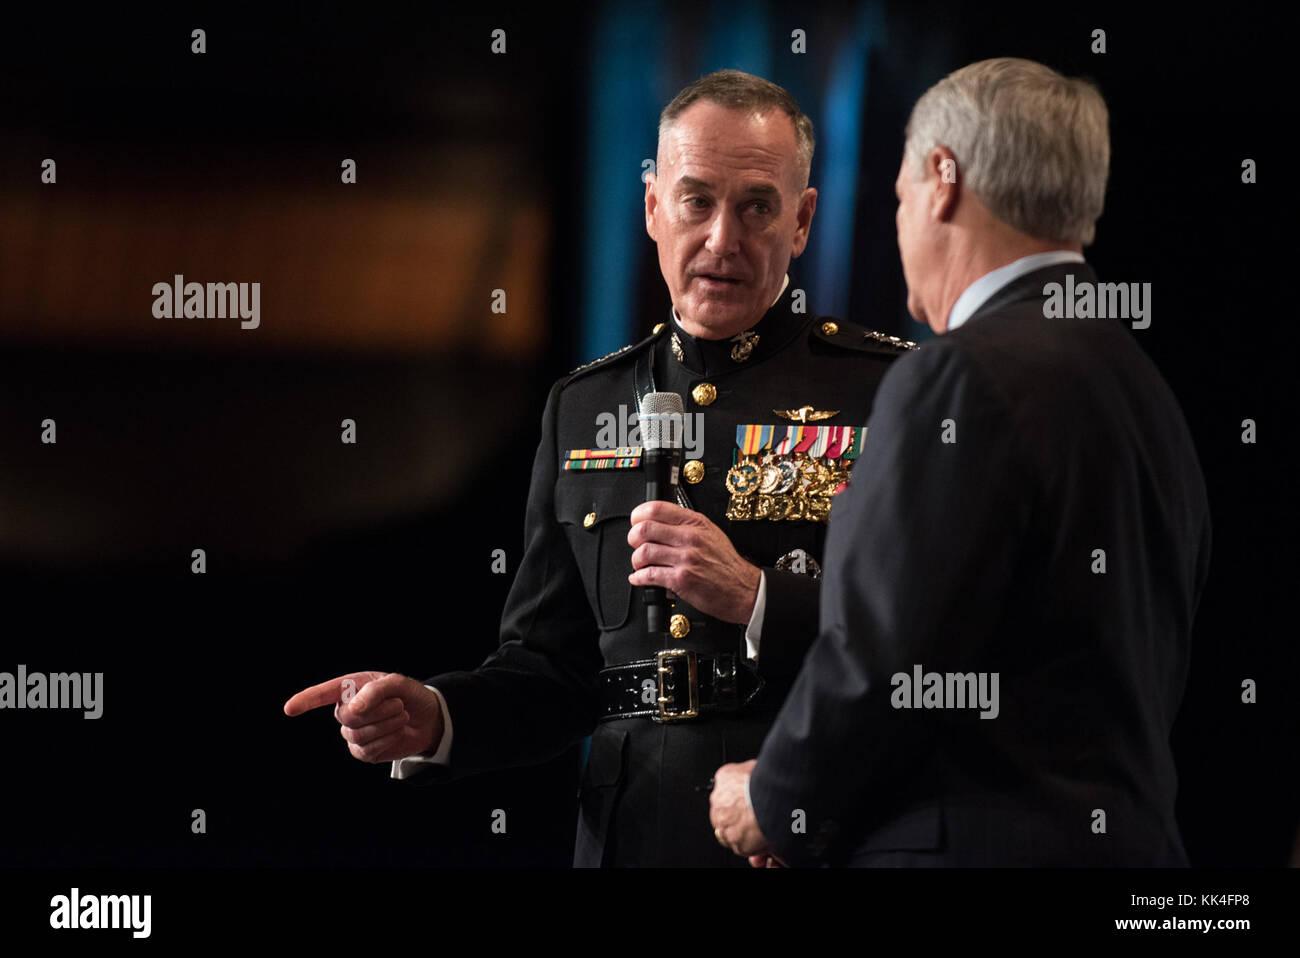 Cuerpo de Marines de EE.UU Gen. Joseph F. Dunford, Jr., presidente de la Junta de jefes de personal, gracias al Sr. Tom Lyons, fundador y presidente de la sociedad Semper Fi, durante el semper Fidelis la sociedad de Boston del Cuerpo de Infantería de Marina de EE.UU. Almuerzo de cumpleaños en el Centro de convenciones y exhibiciones de Boston, Massachusetts, el 13 de noviembre, 2017. (DoD foto por el sargento del ejército de EE.UU. James K. McCann) Foto de stock